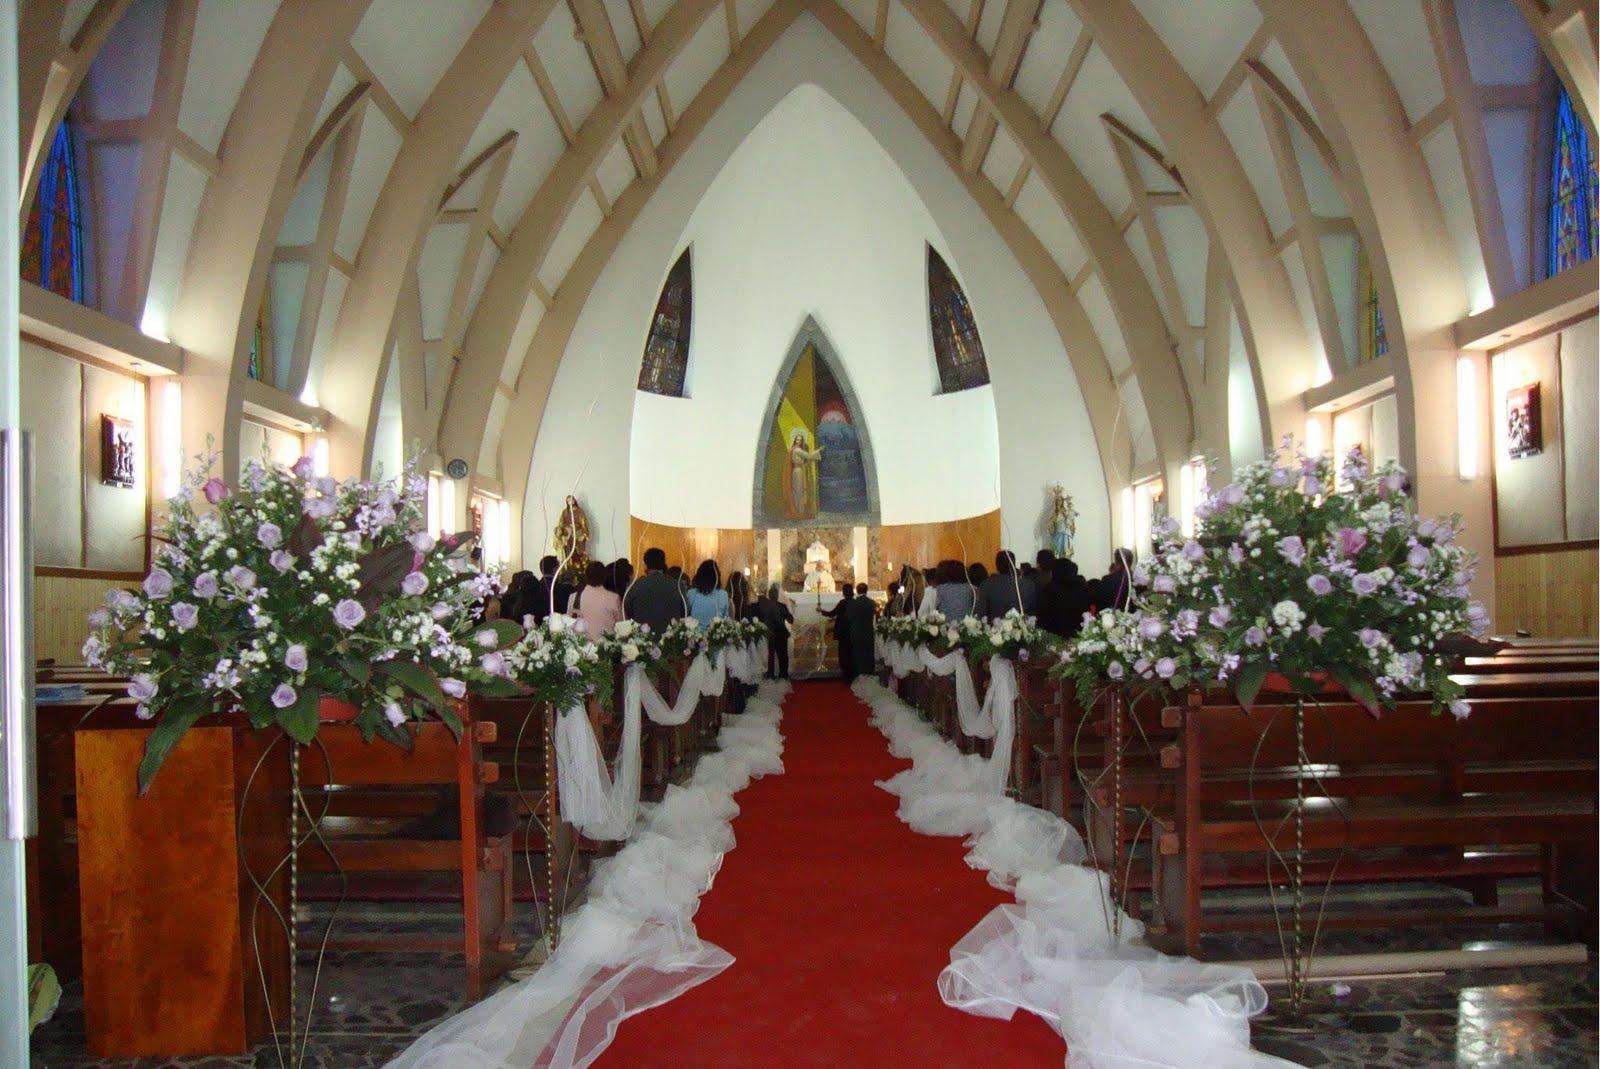 Popolare Matrimonioe un tocco di classe: Matrimonio Religioso: Decorare  NB18